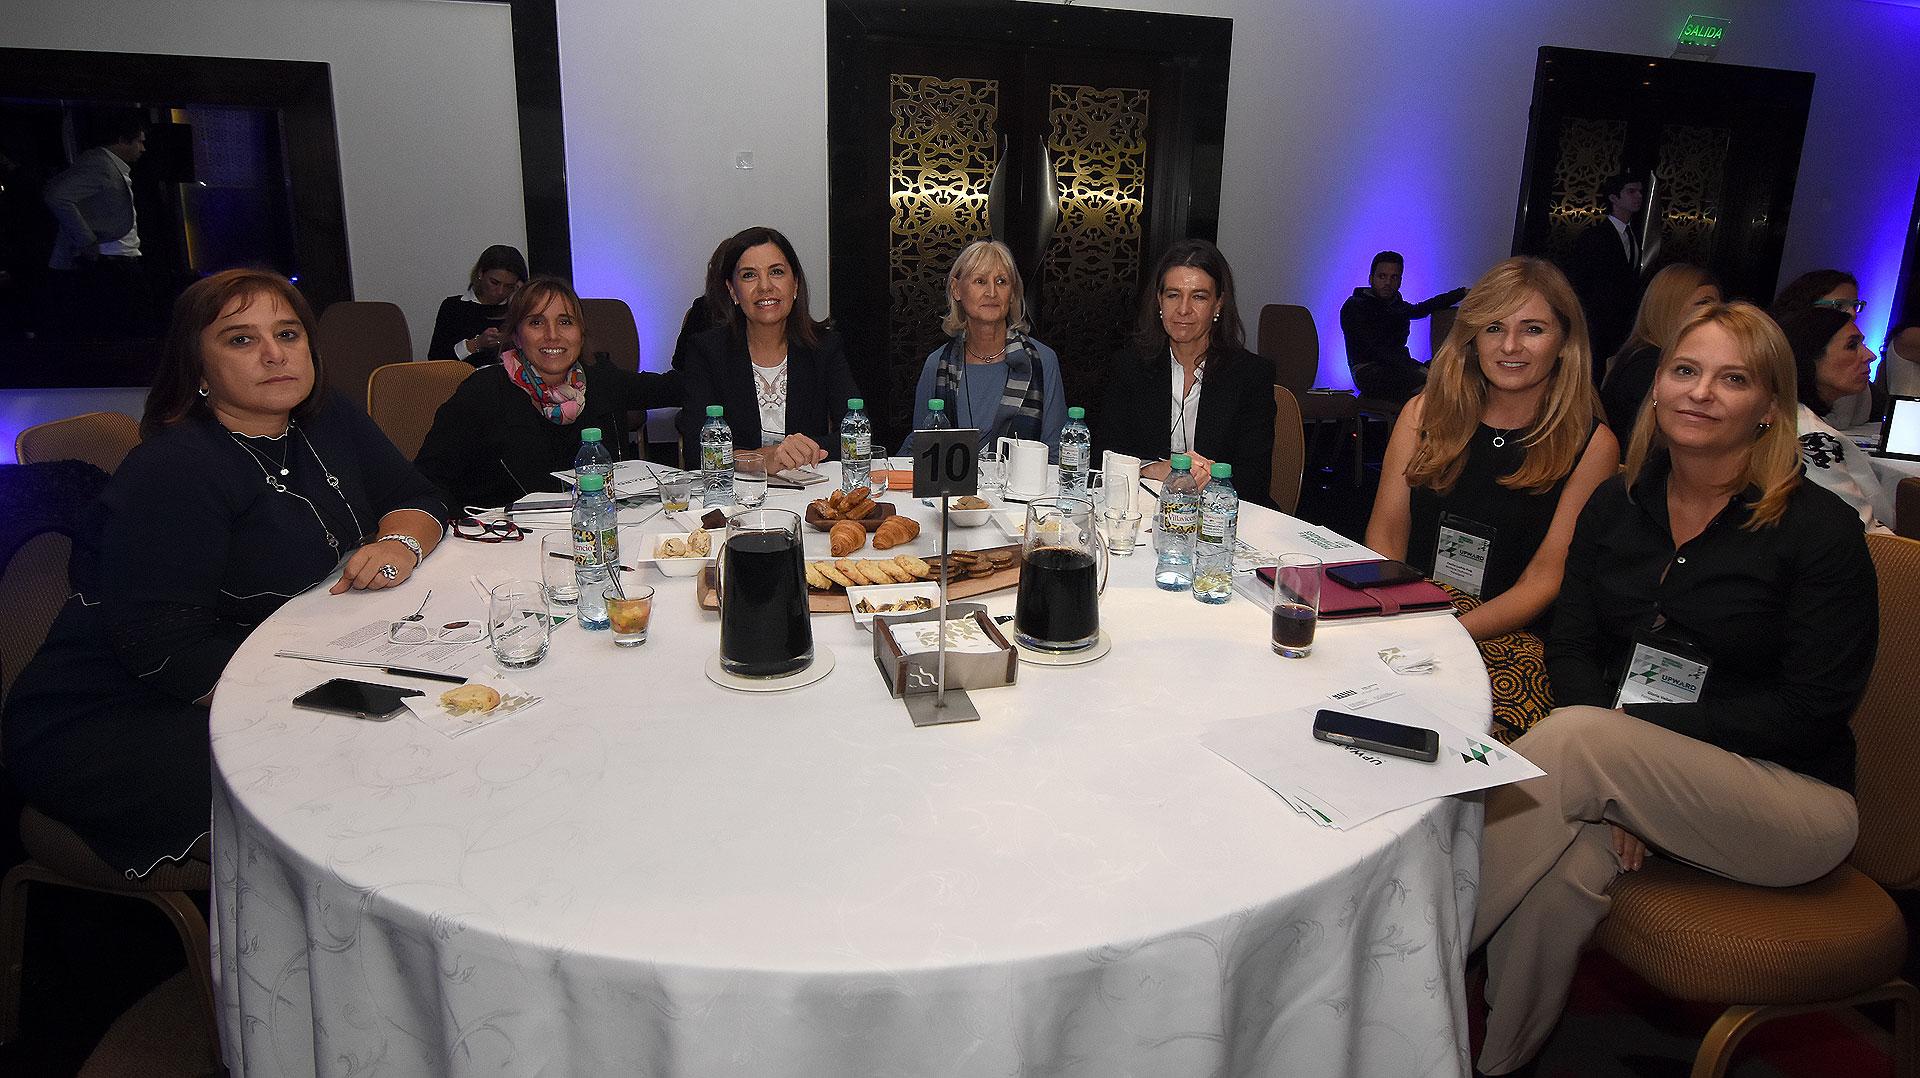 Silvina Gutiérrez (PWC Argentina), Daniela Blanco (directora de Tendencias de Infobae), Liliana Parodi y Marta Buchanan (América TV), Laura Elliff (Banco Provincia), Cecilia Luchia Puig (Mañana Profesional y Líderes TV) y Gloria Vailati (cofundadora FWTV)